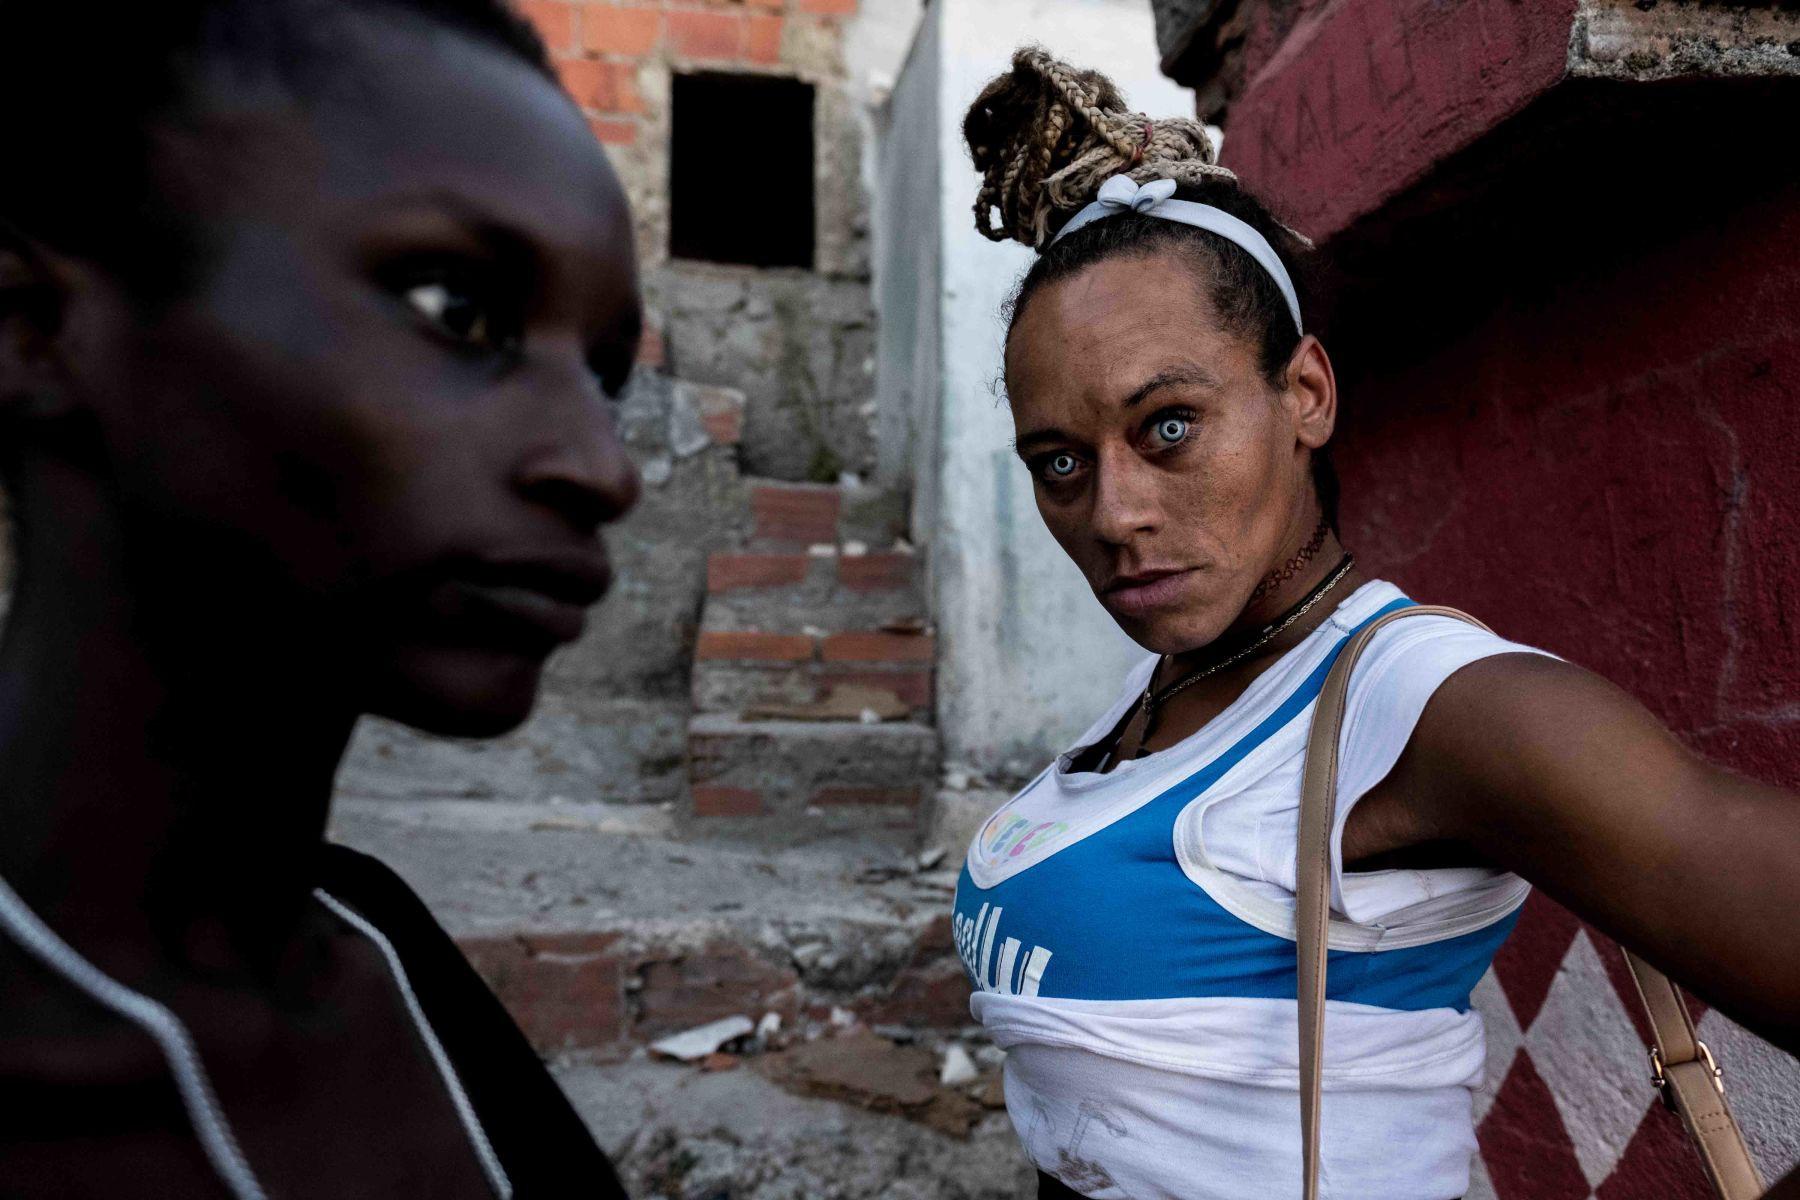 Mặt tối cuộc sống mang tên 6 de Maio: Những gì diễn ra bên trong khu phố nguy hiểm bậc nhất Bồ Đào Nha - Ảnh 15.